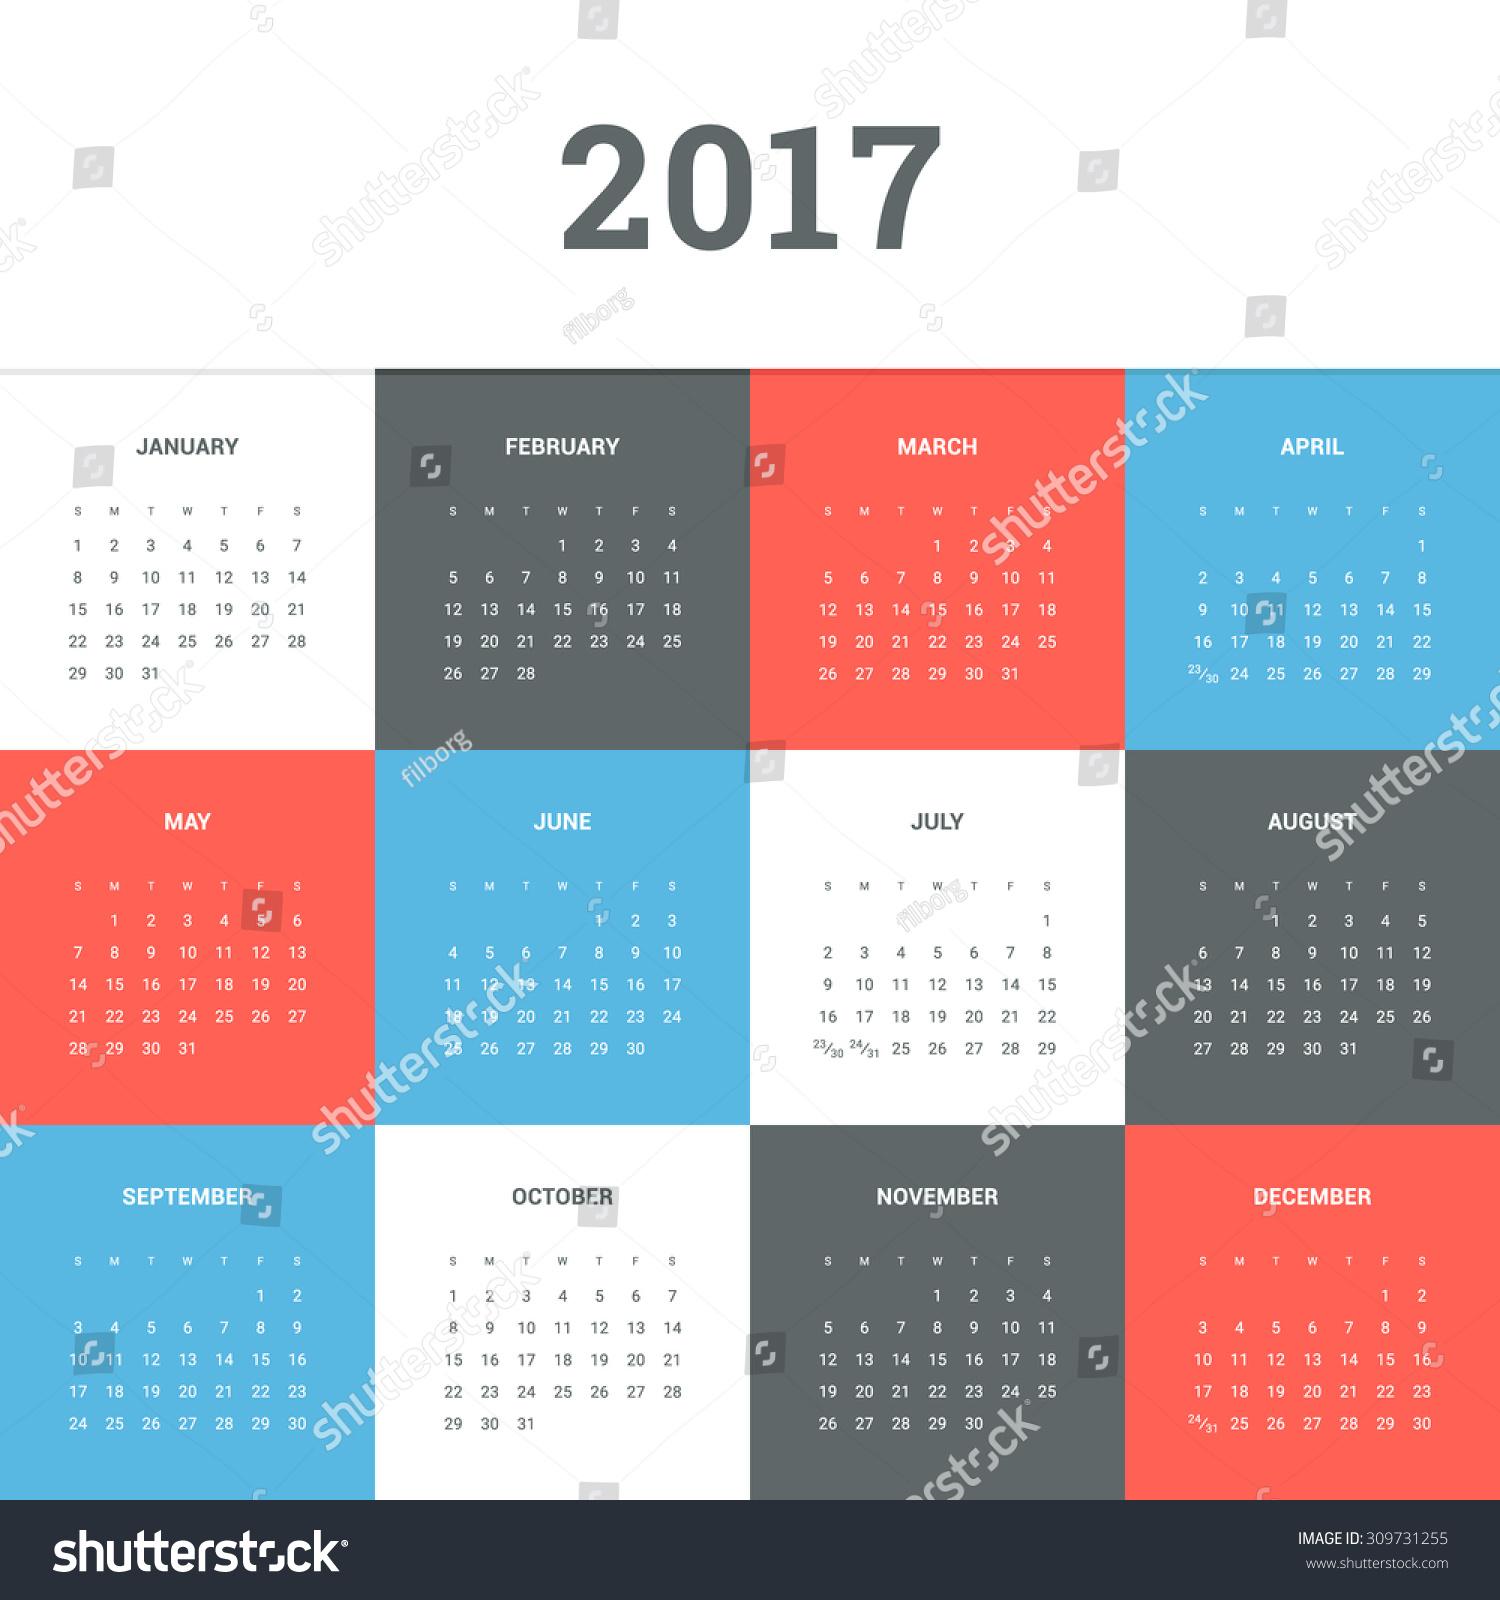 Компьютер для графики и дизайна 2016-2017